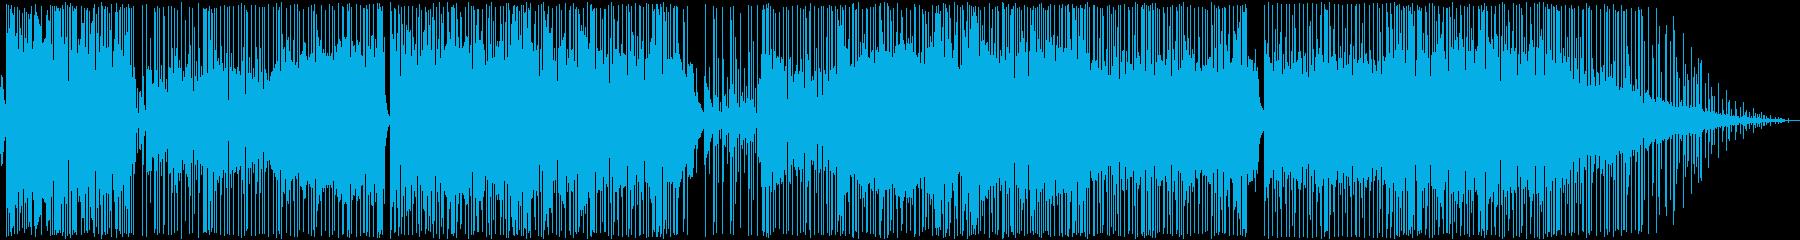 ダーク・切ない・メランコリック・憂鬱の再生済みの波形